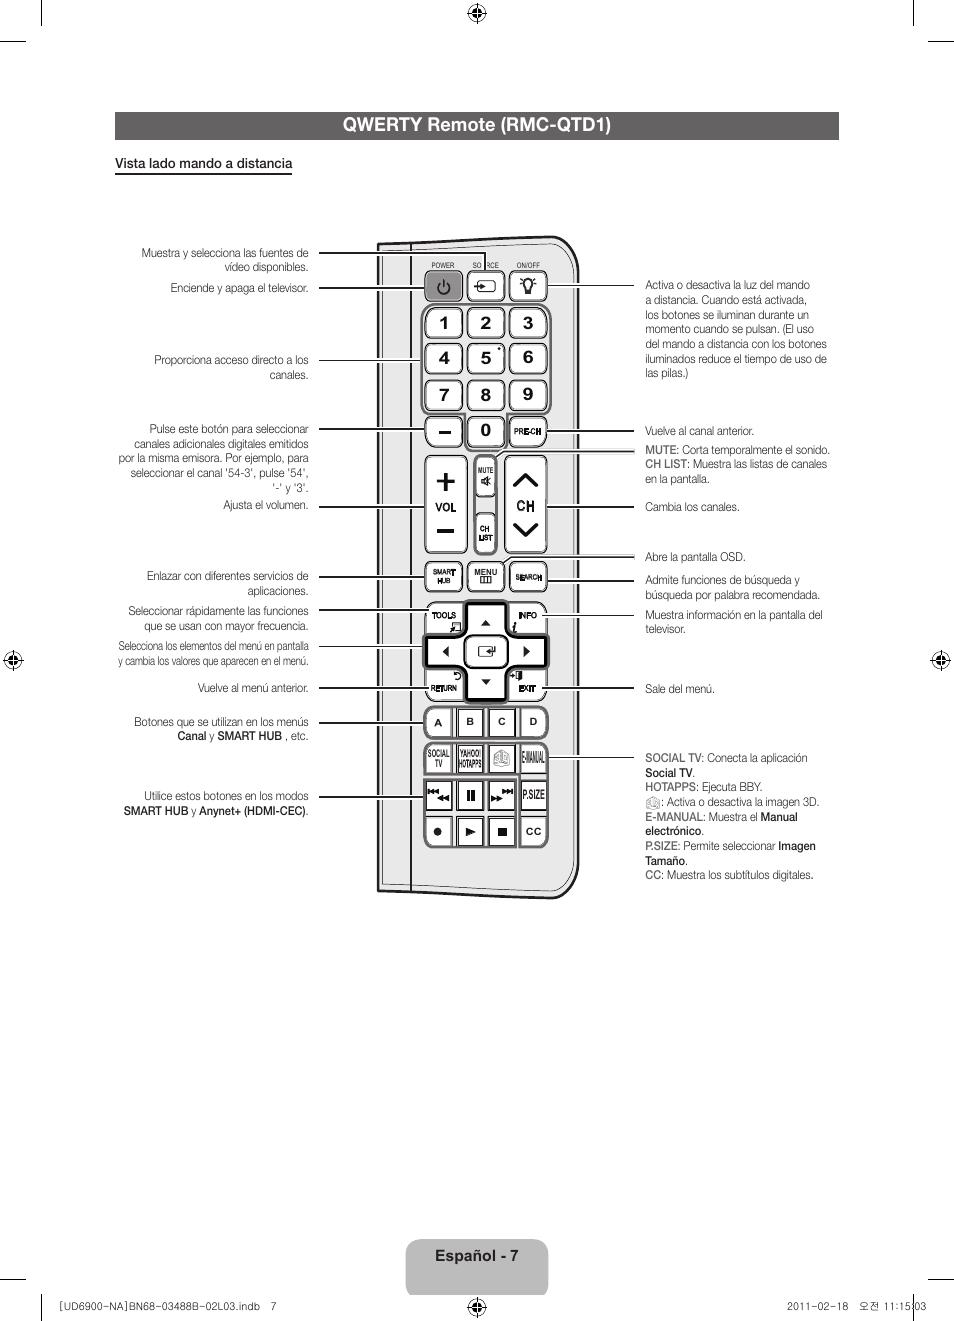 Rmc-qtd1 user manual.